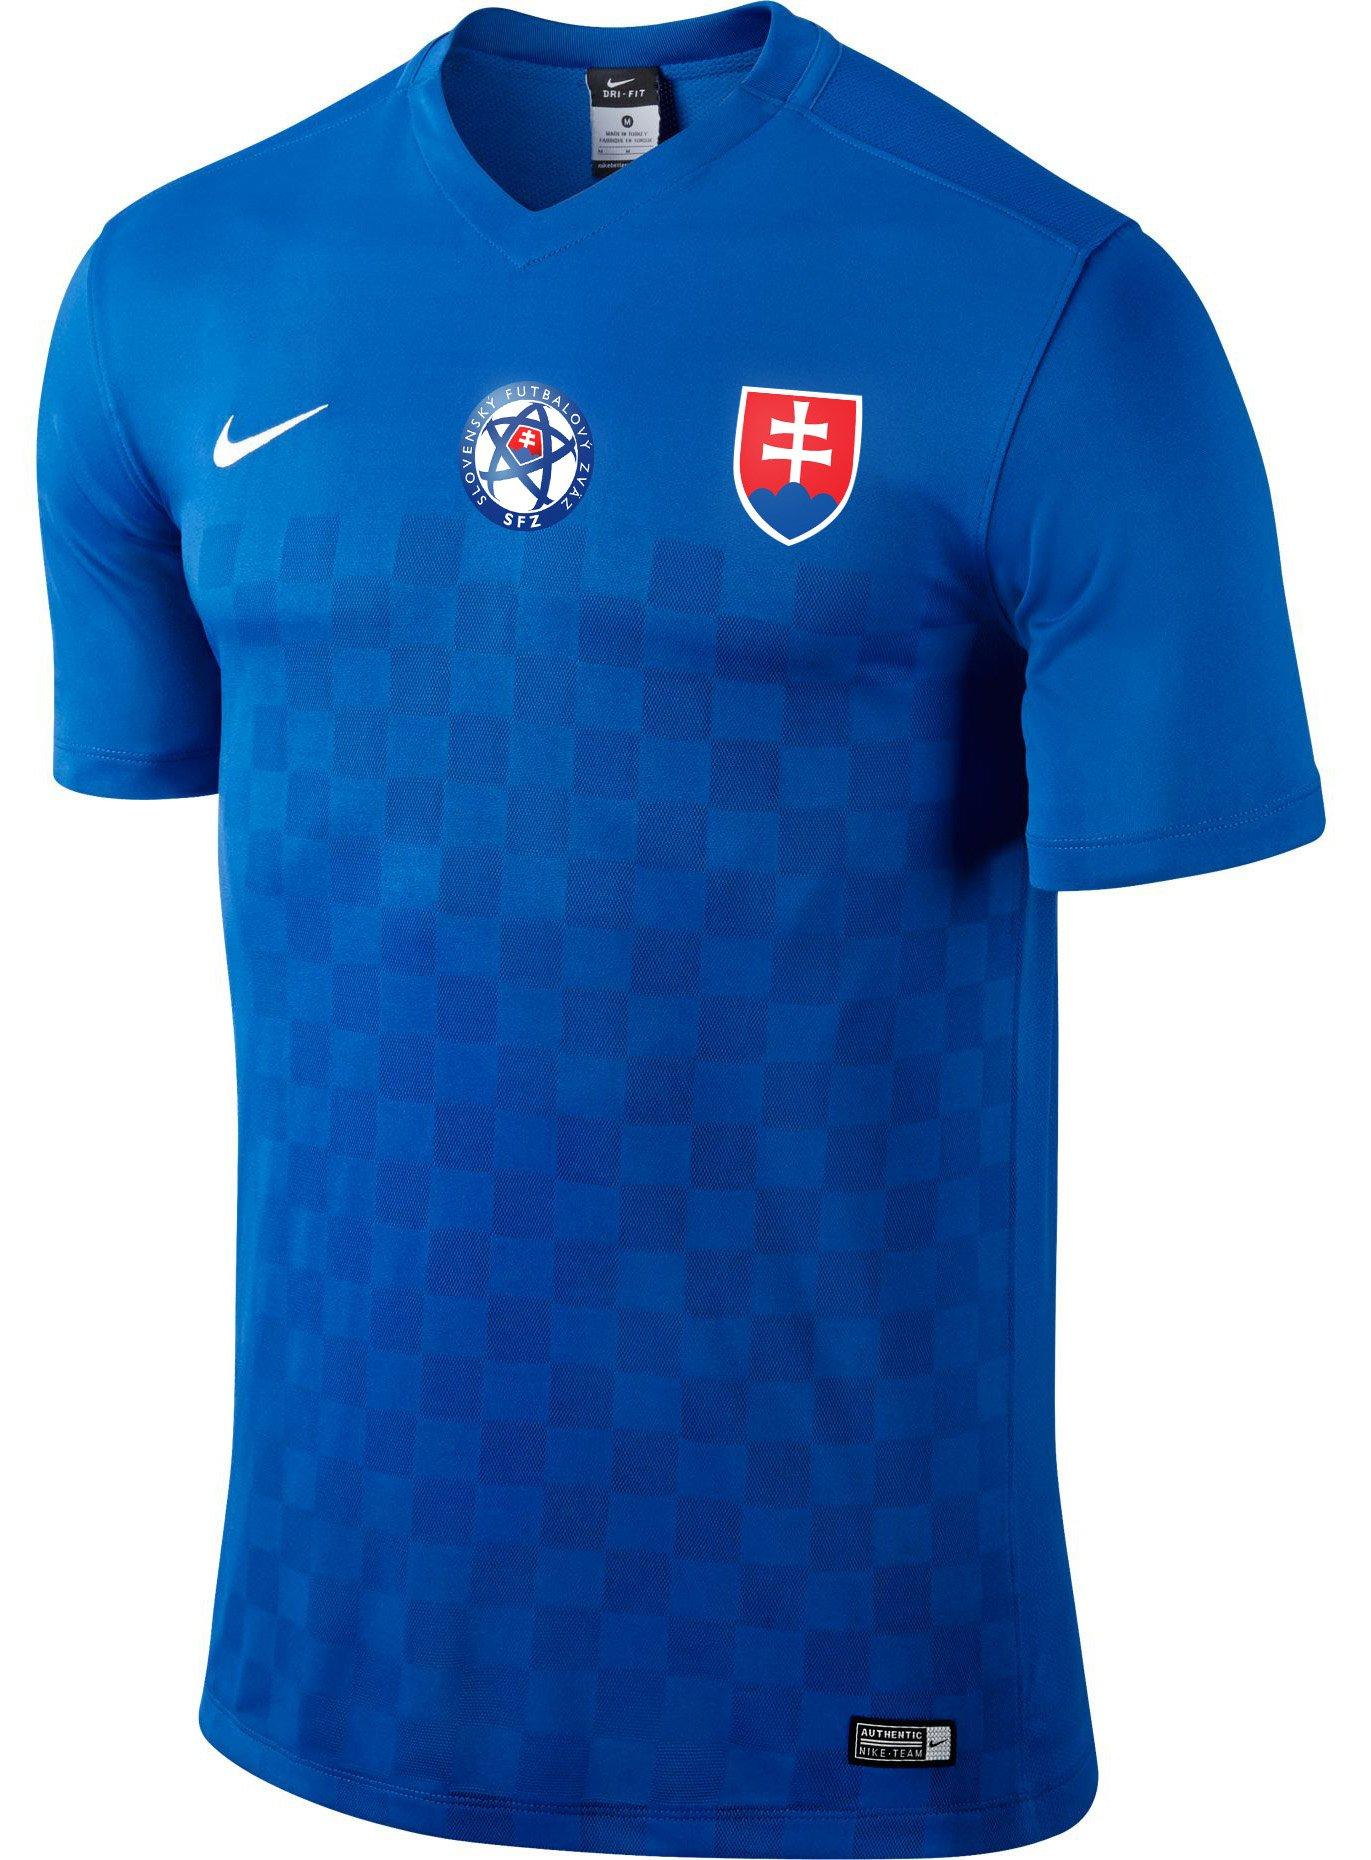 Hostující dres s krátkým rukávem Slovenská reprezentace